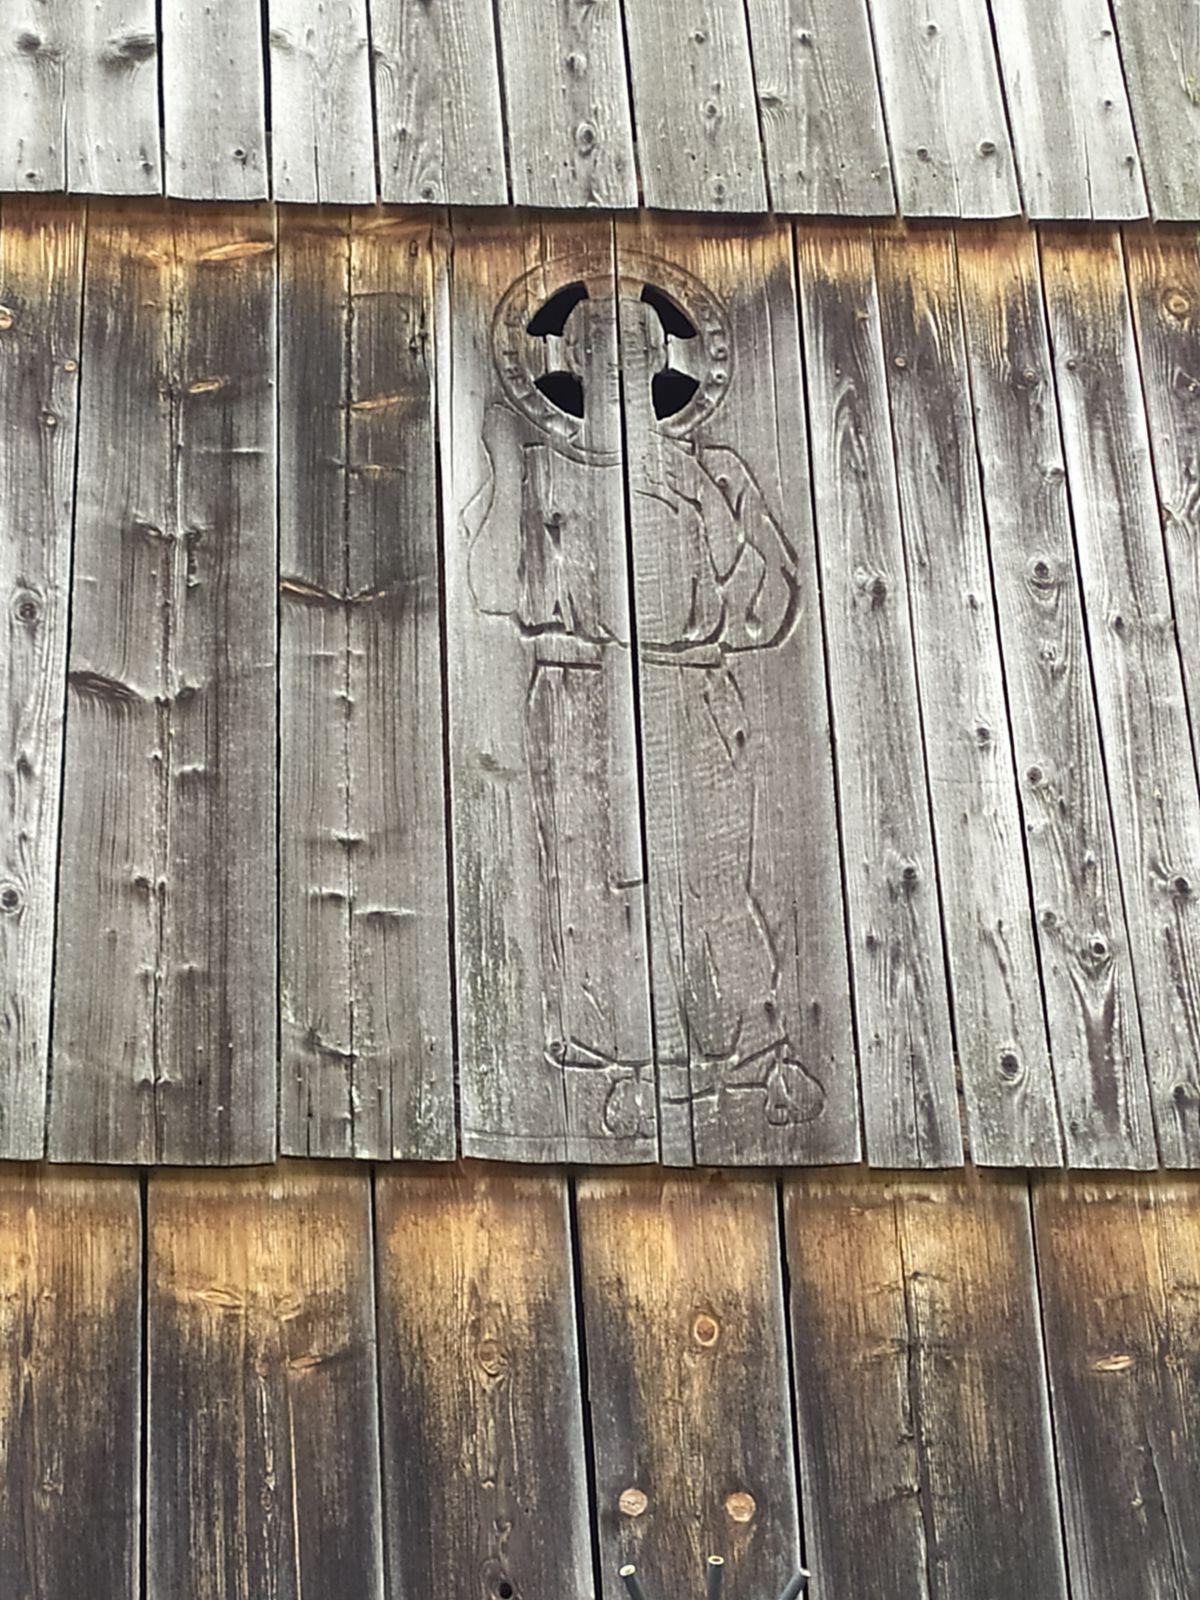 Voici un détail de la talvanne sculptée par l'artiste...